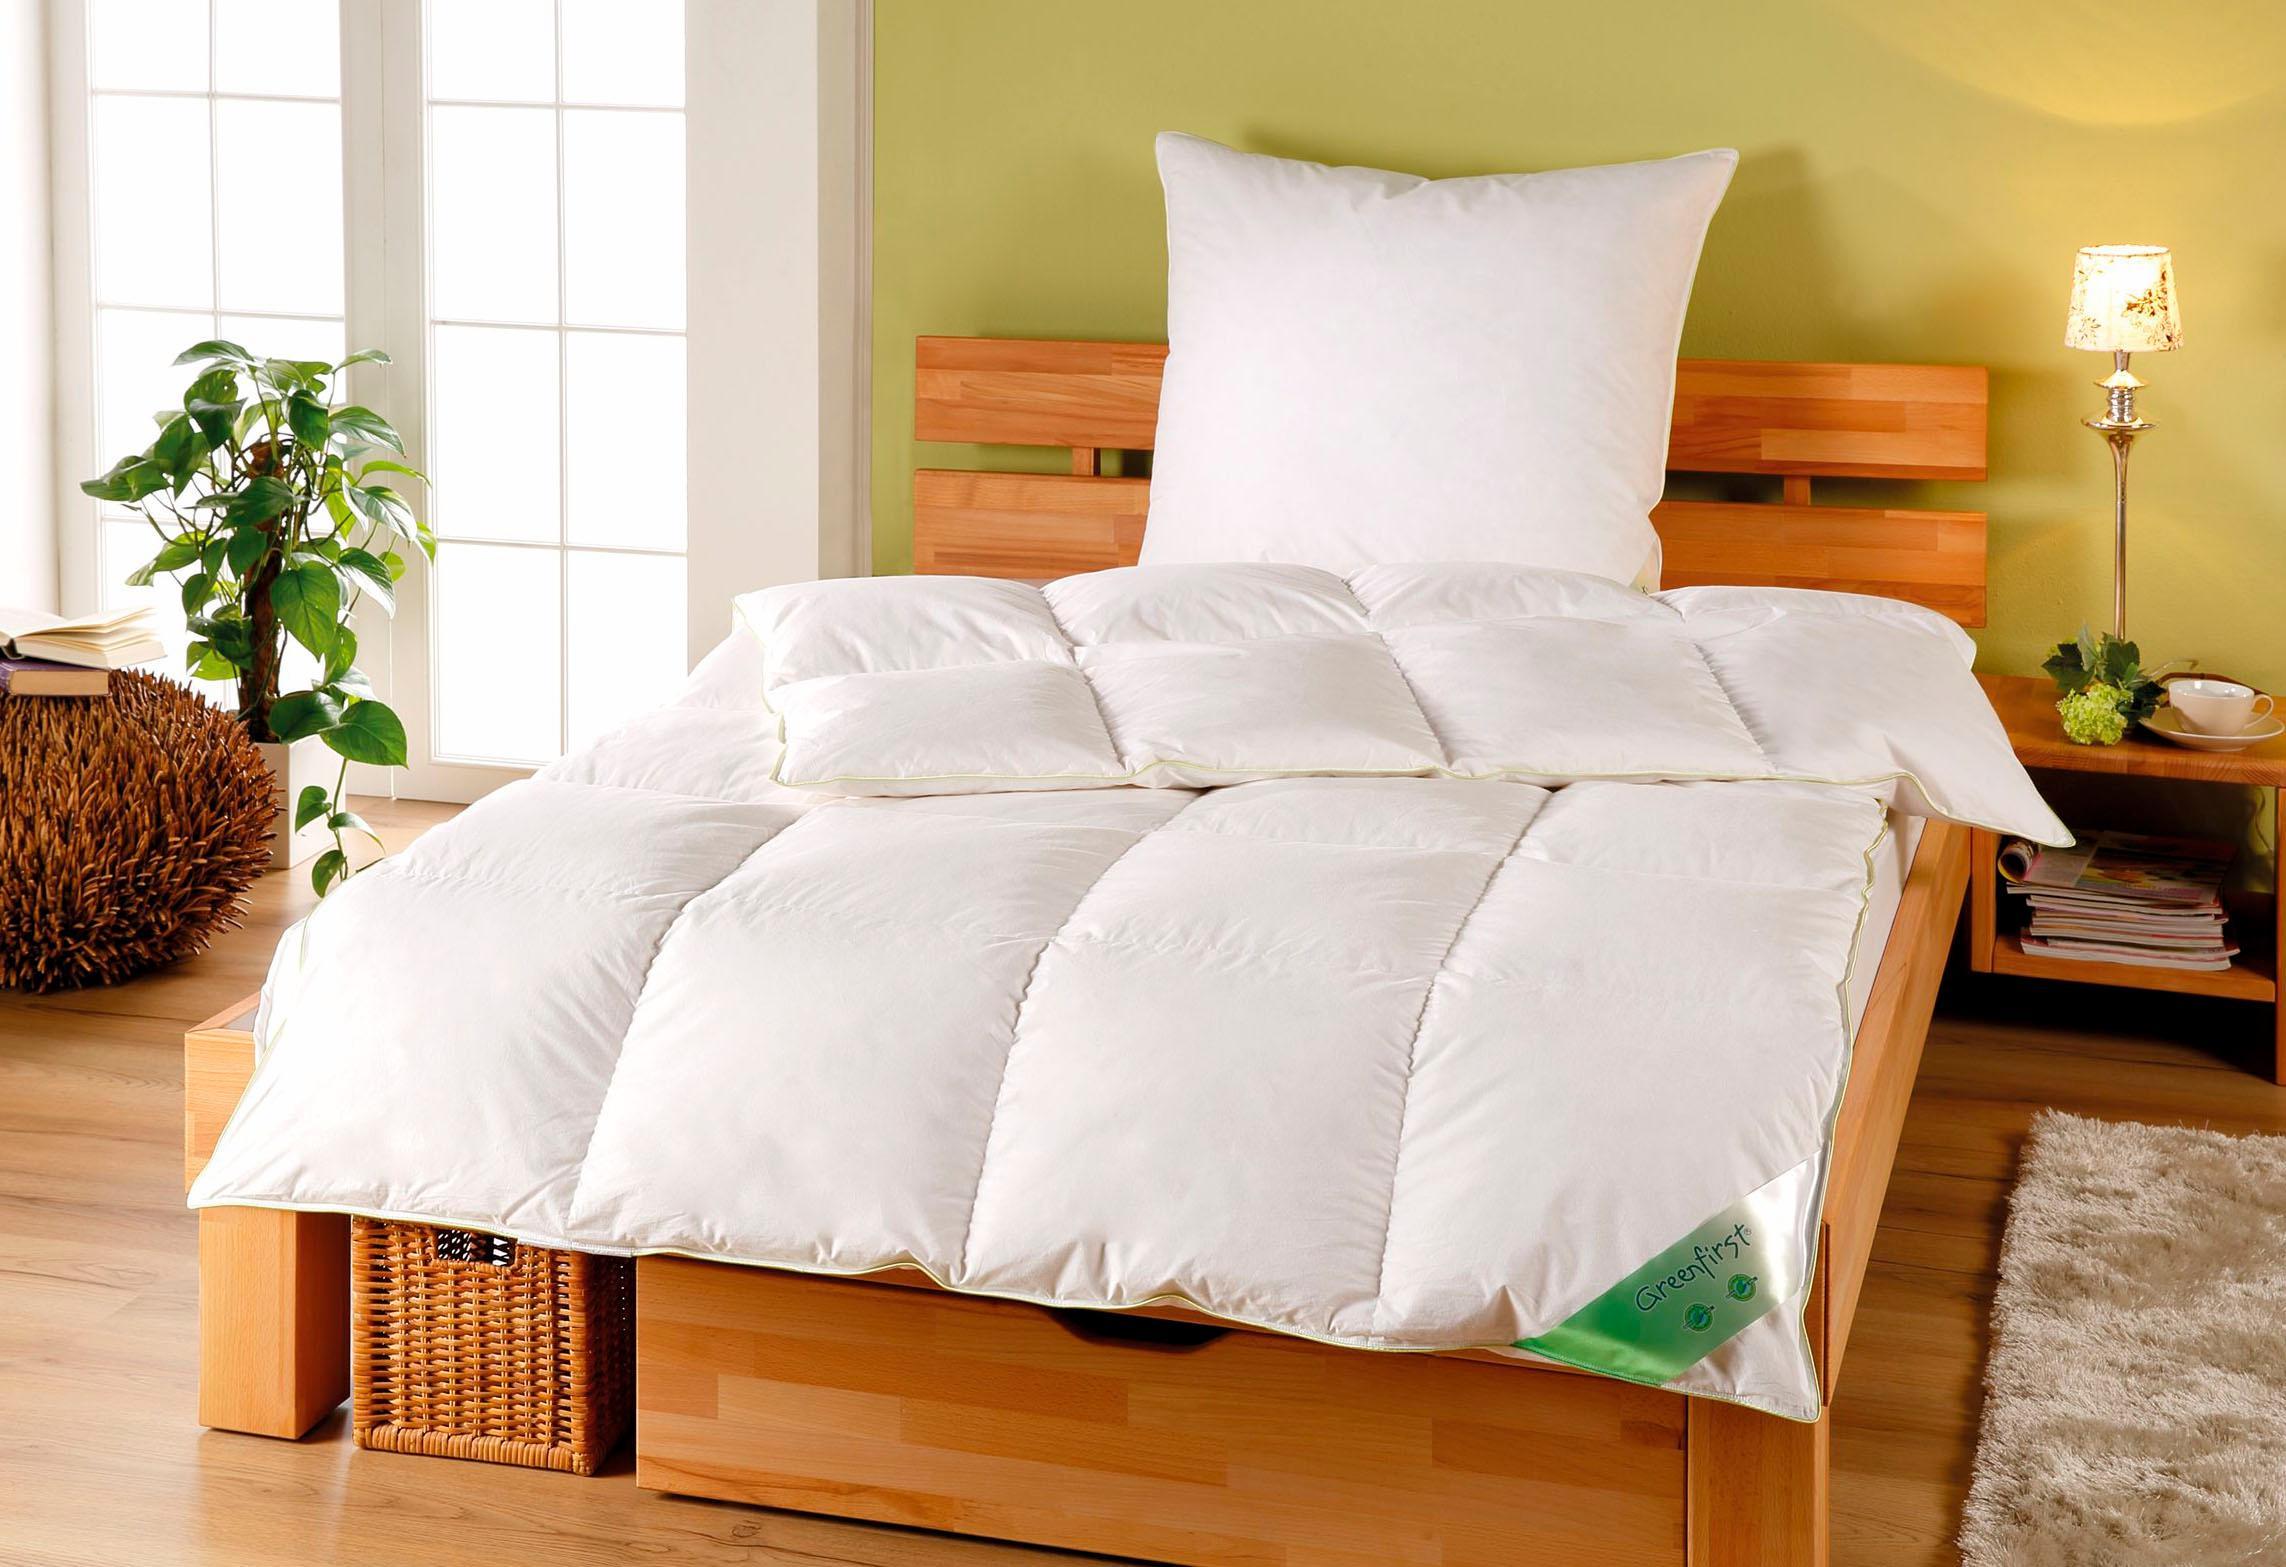 Daunenbettdecke Greenfirst KBT Bettwaren warm Füllung: 60% Daunen 40% Federn Bezug: 100% Baumwolle